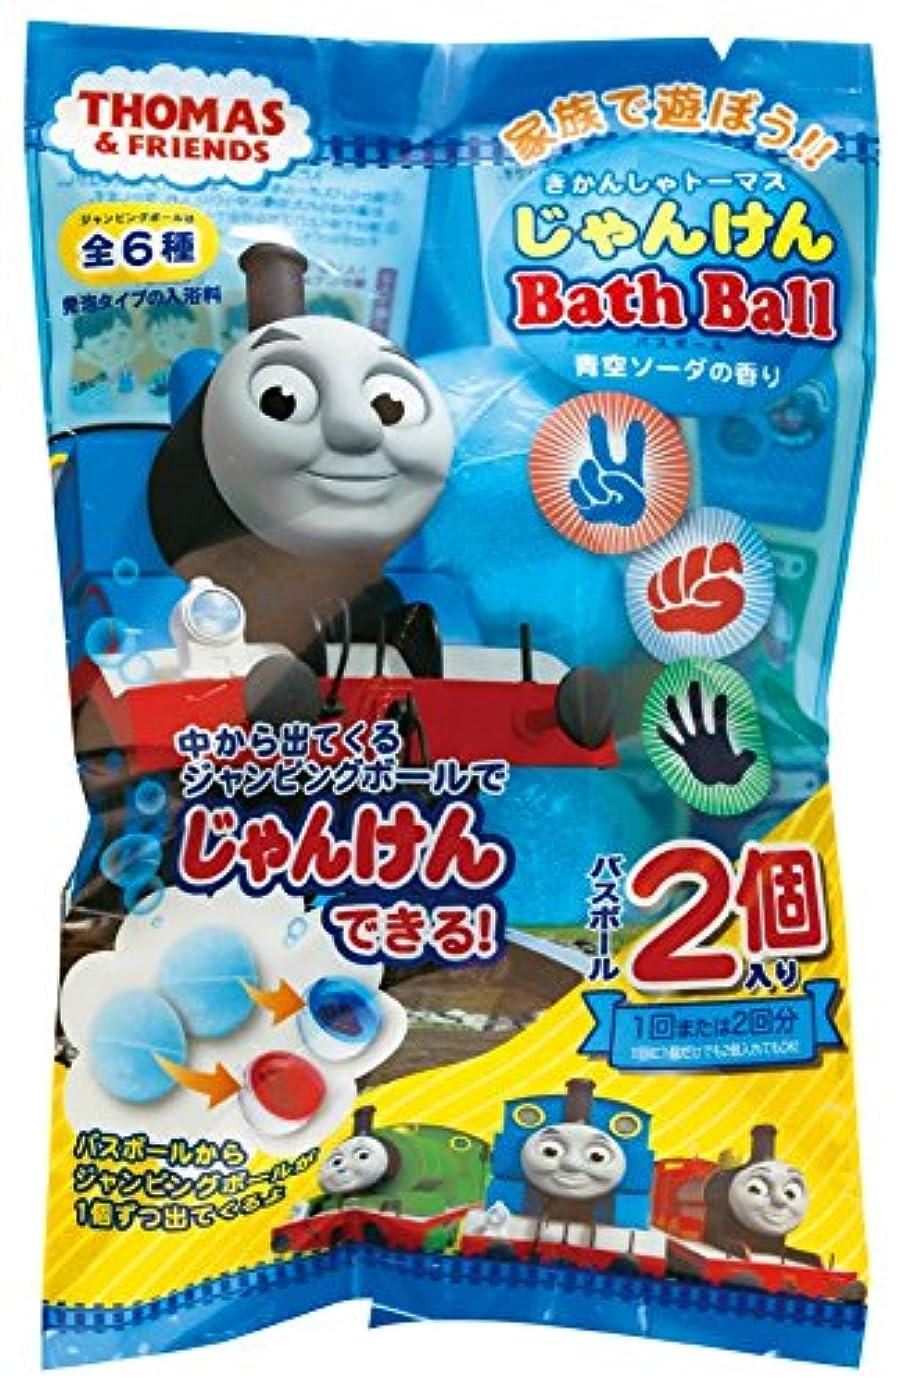 きかんしゃトーマス 入浴剤 じゃんけんバスボール 2個入り おまけ付き 青色ソーダの香り OB-TOB-4-1